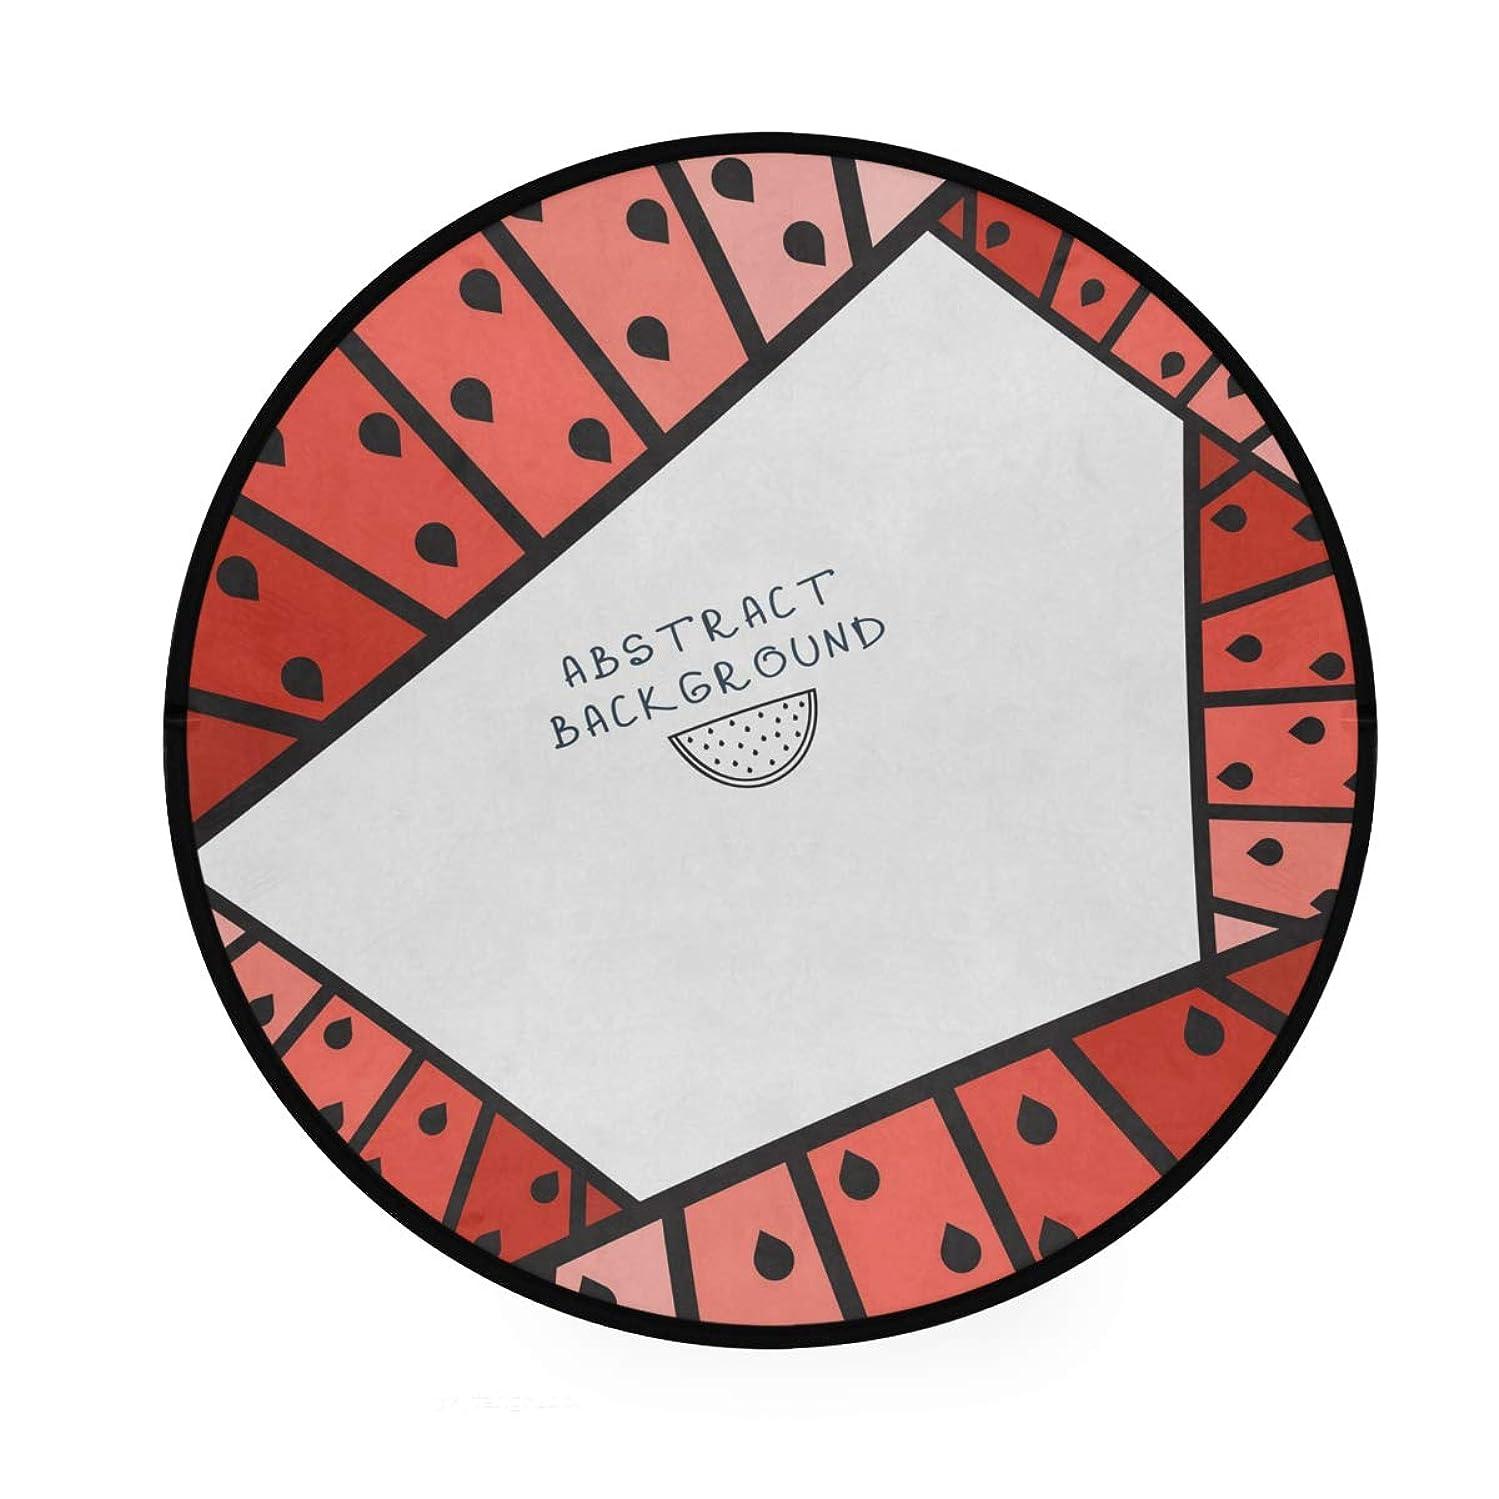 口ひげヘビーお尻ラウンドマット スカル柄 円形マット 滑り止めのカーペットの丸い部屋 高級 丸いラグ 円形 リビング 子ども部屋 柔らかい エコ 防音 防カビ抗菌 オールシーズン使用 直径92cm